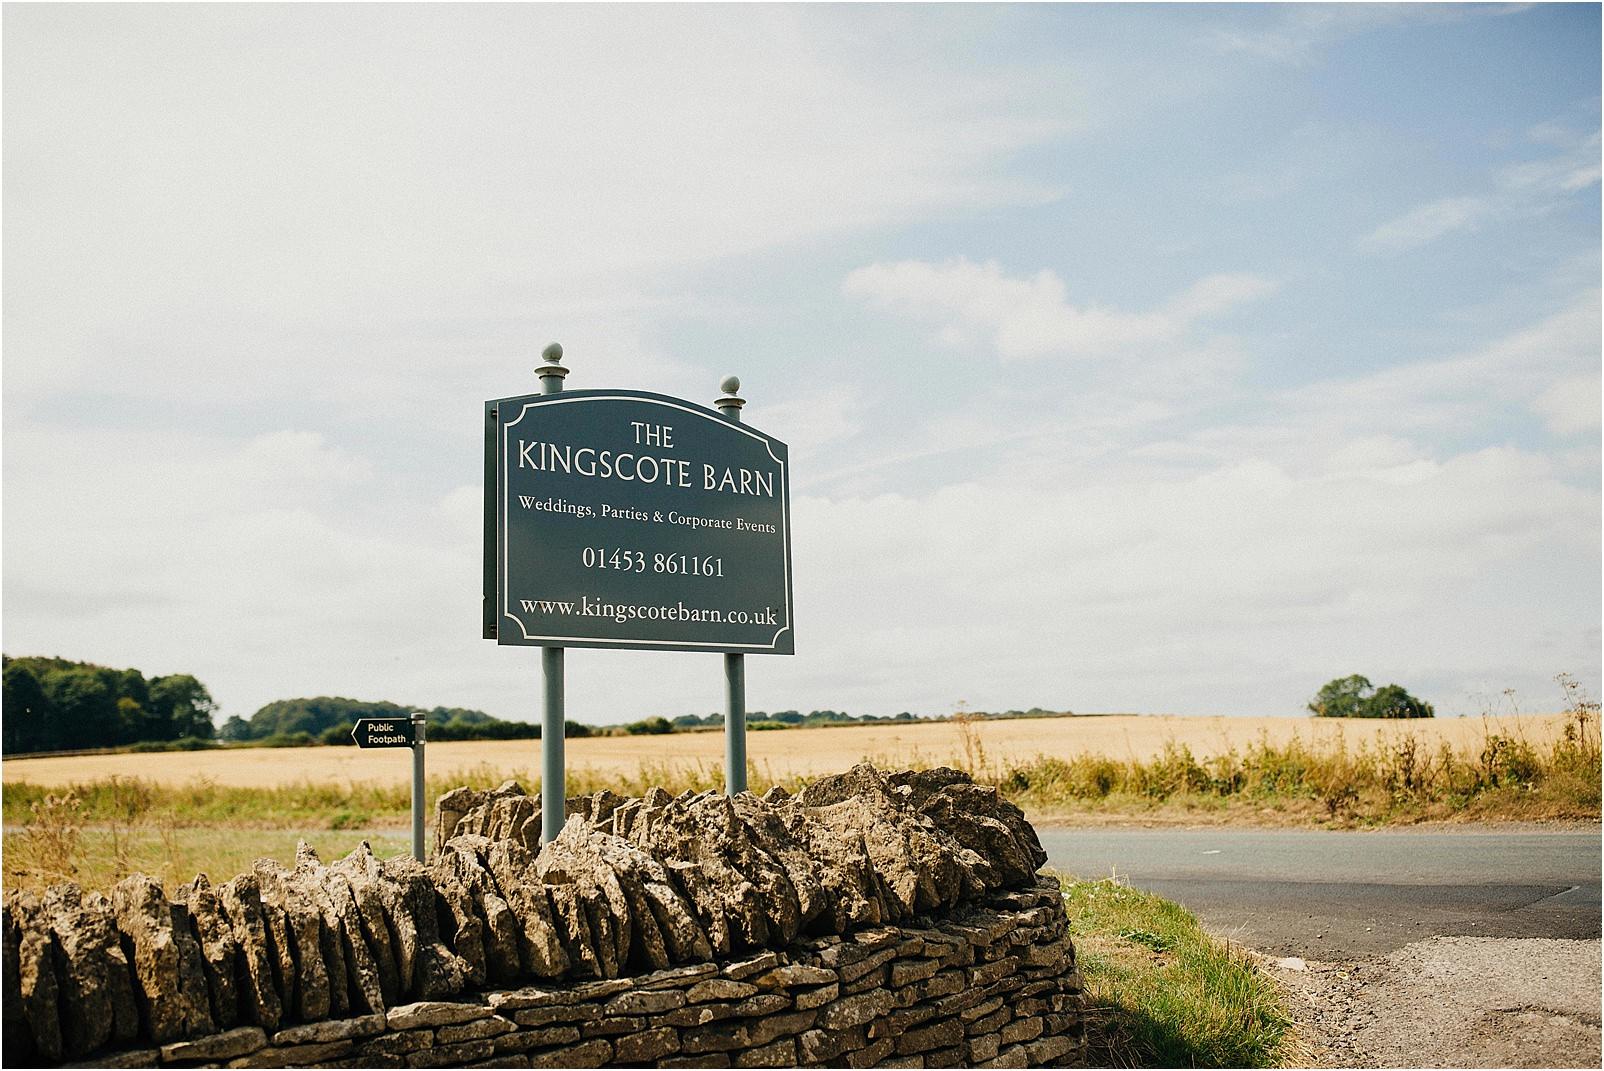 Kingscote Barn sign at the road